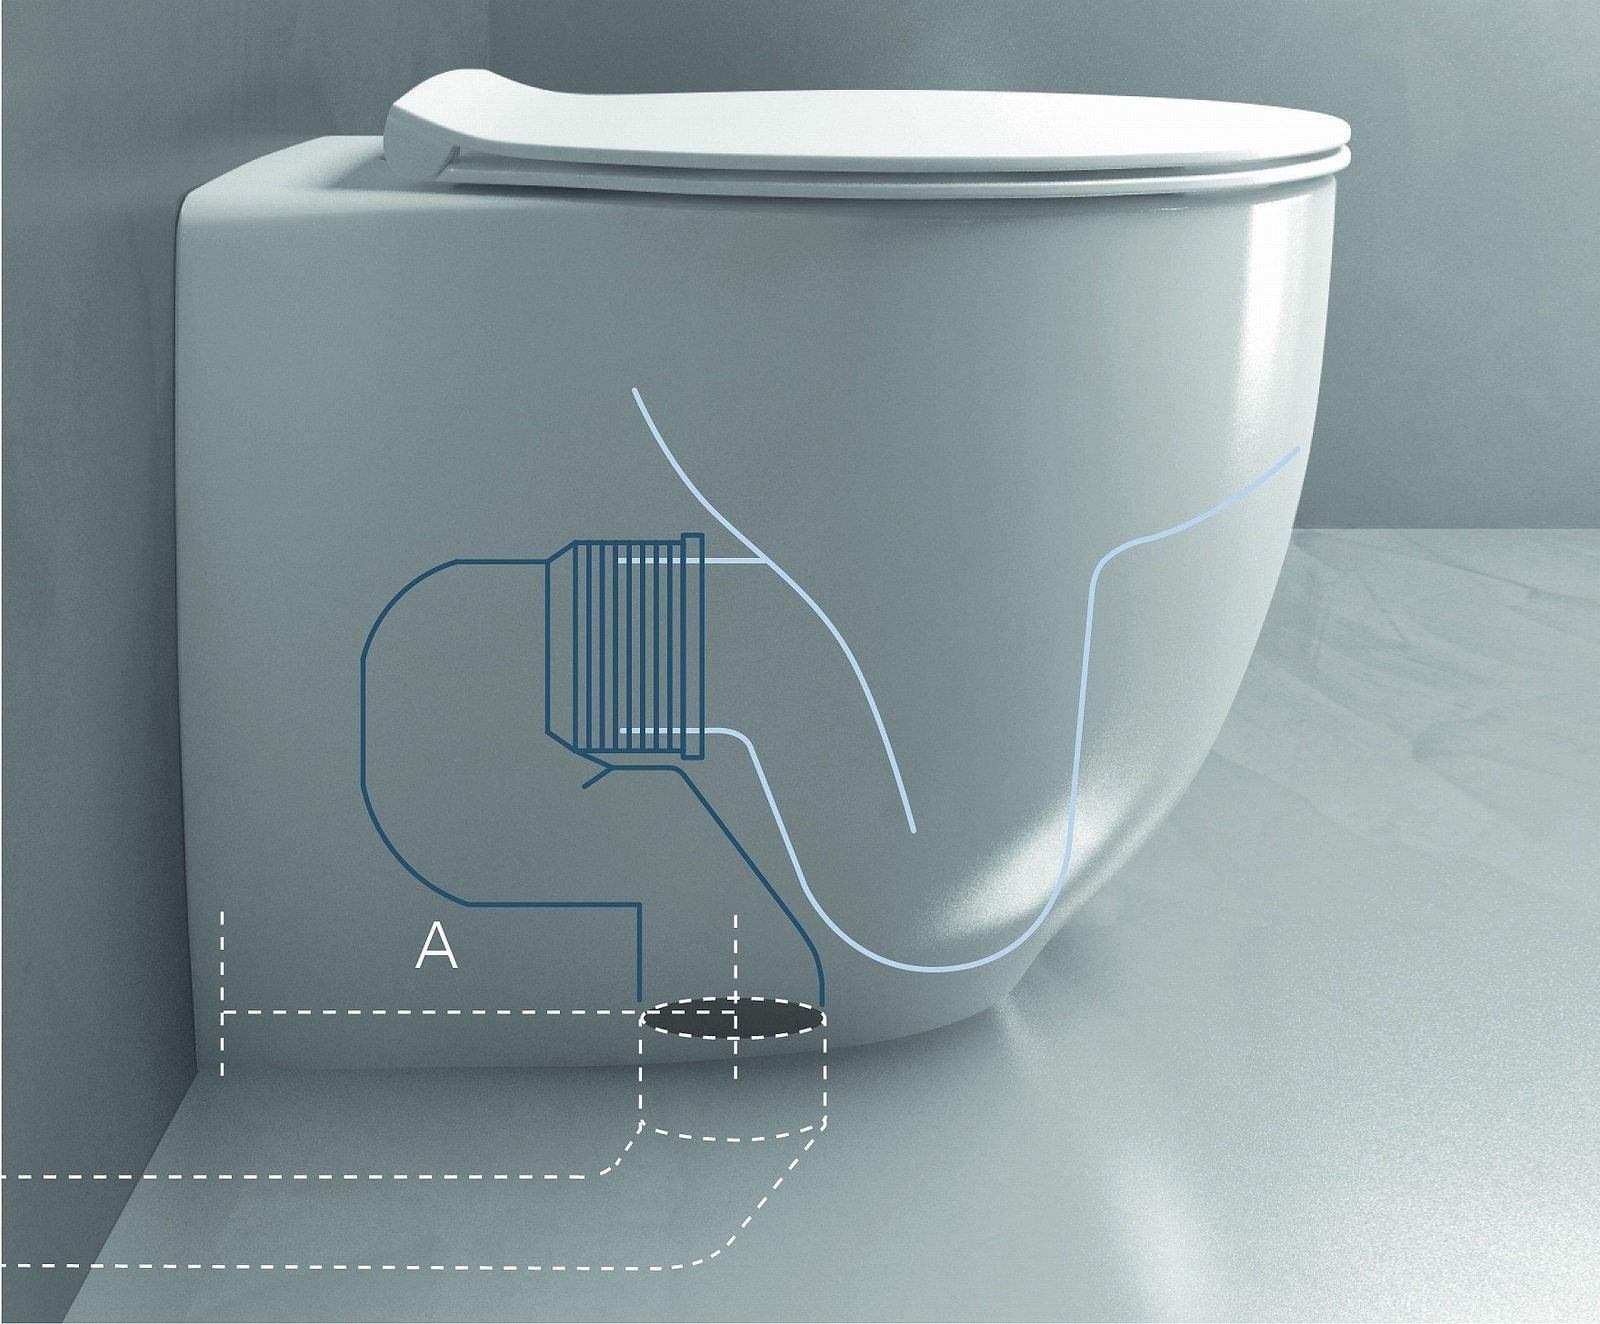 Ristrutturare il bagno sostituzione dei sanitari pi facile con alcuni modelli speciali - Tazza del bagno ...